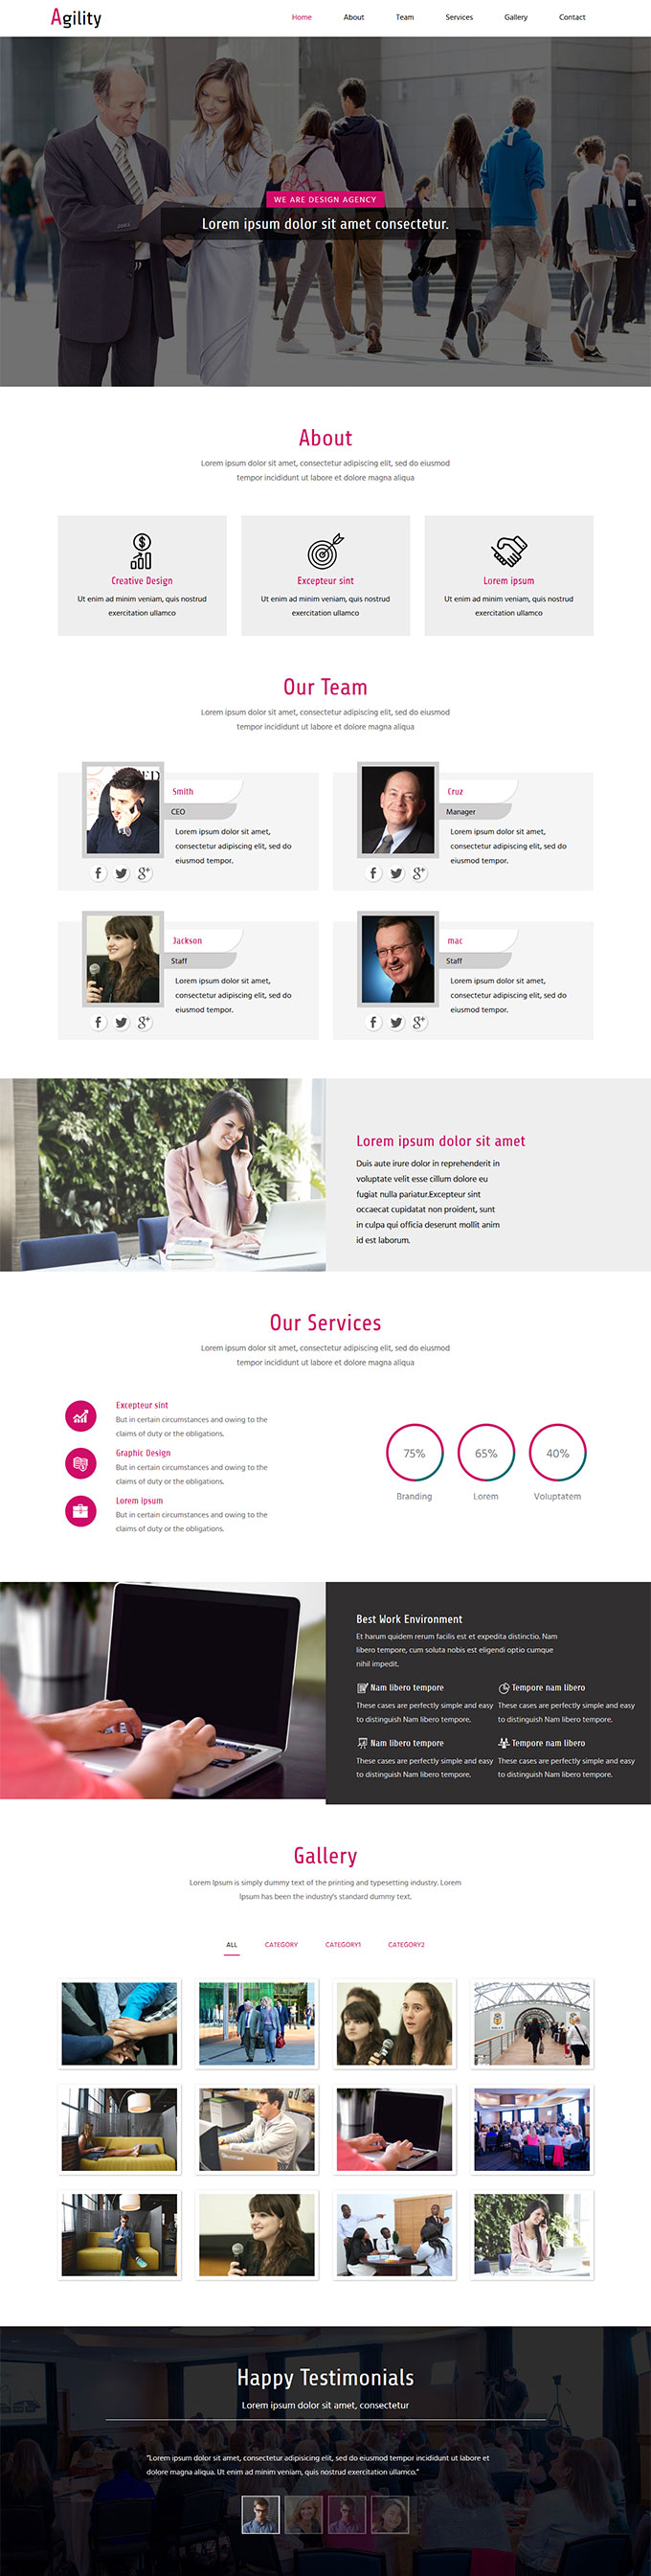 简约时尚网站模板